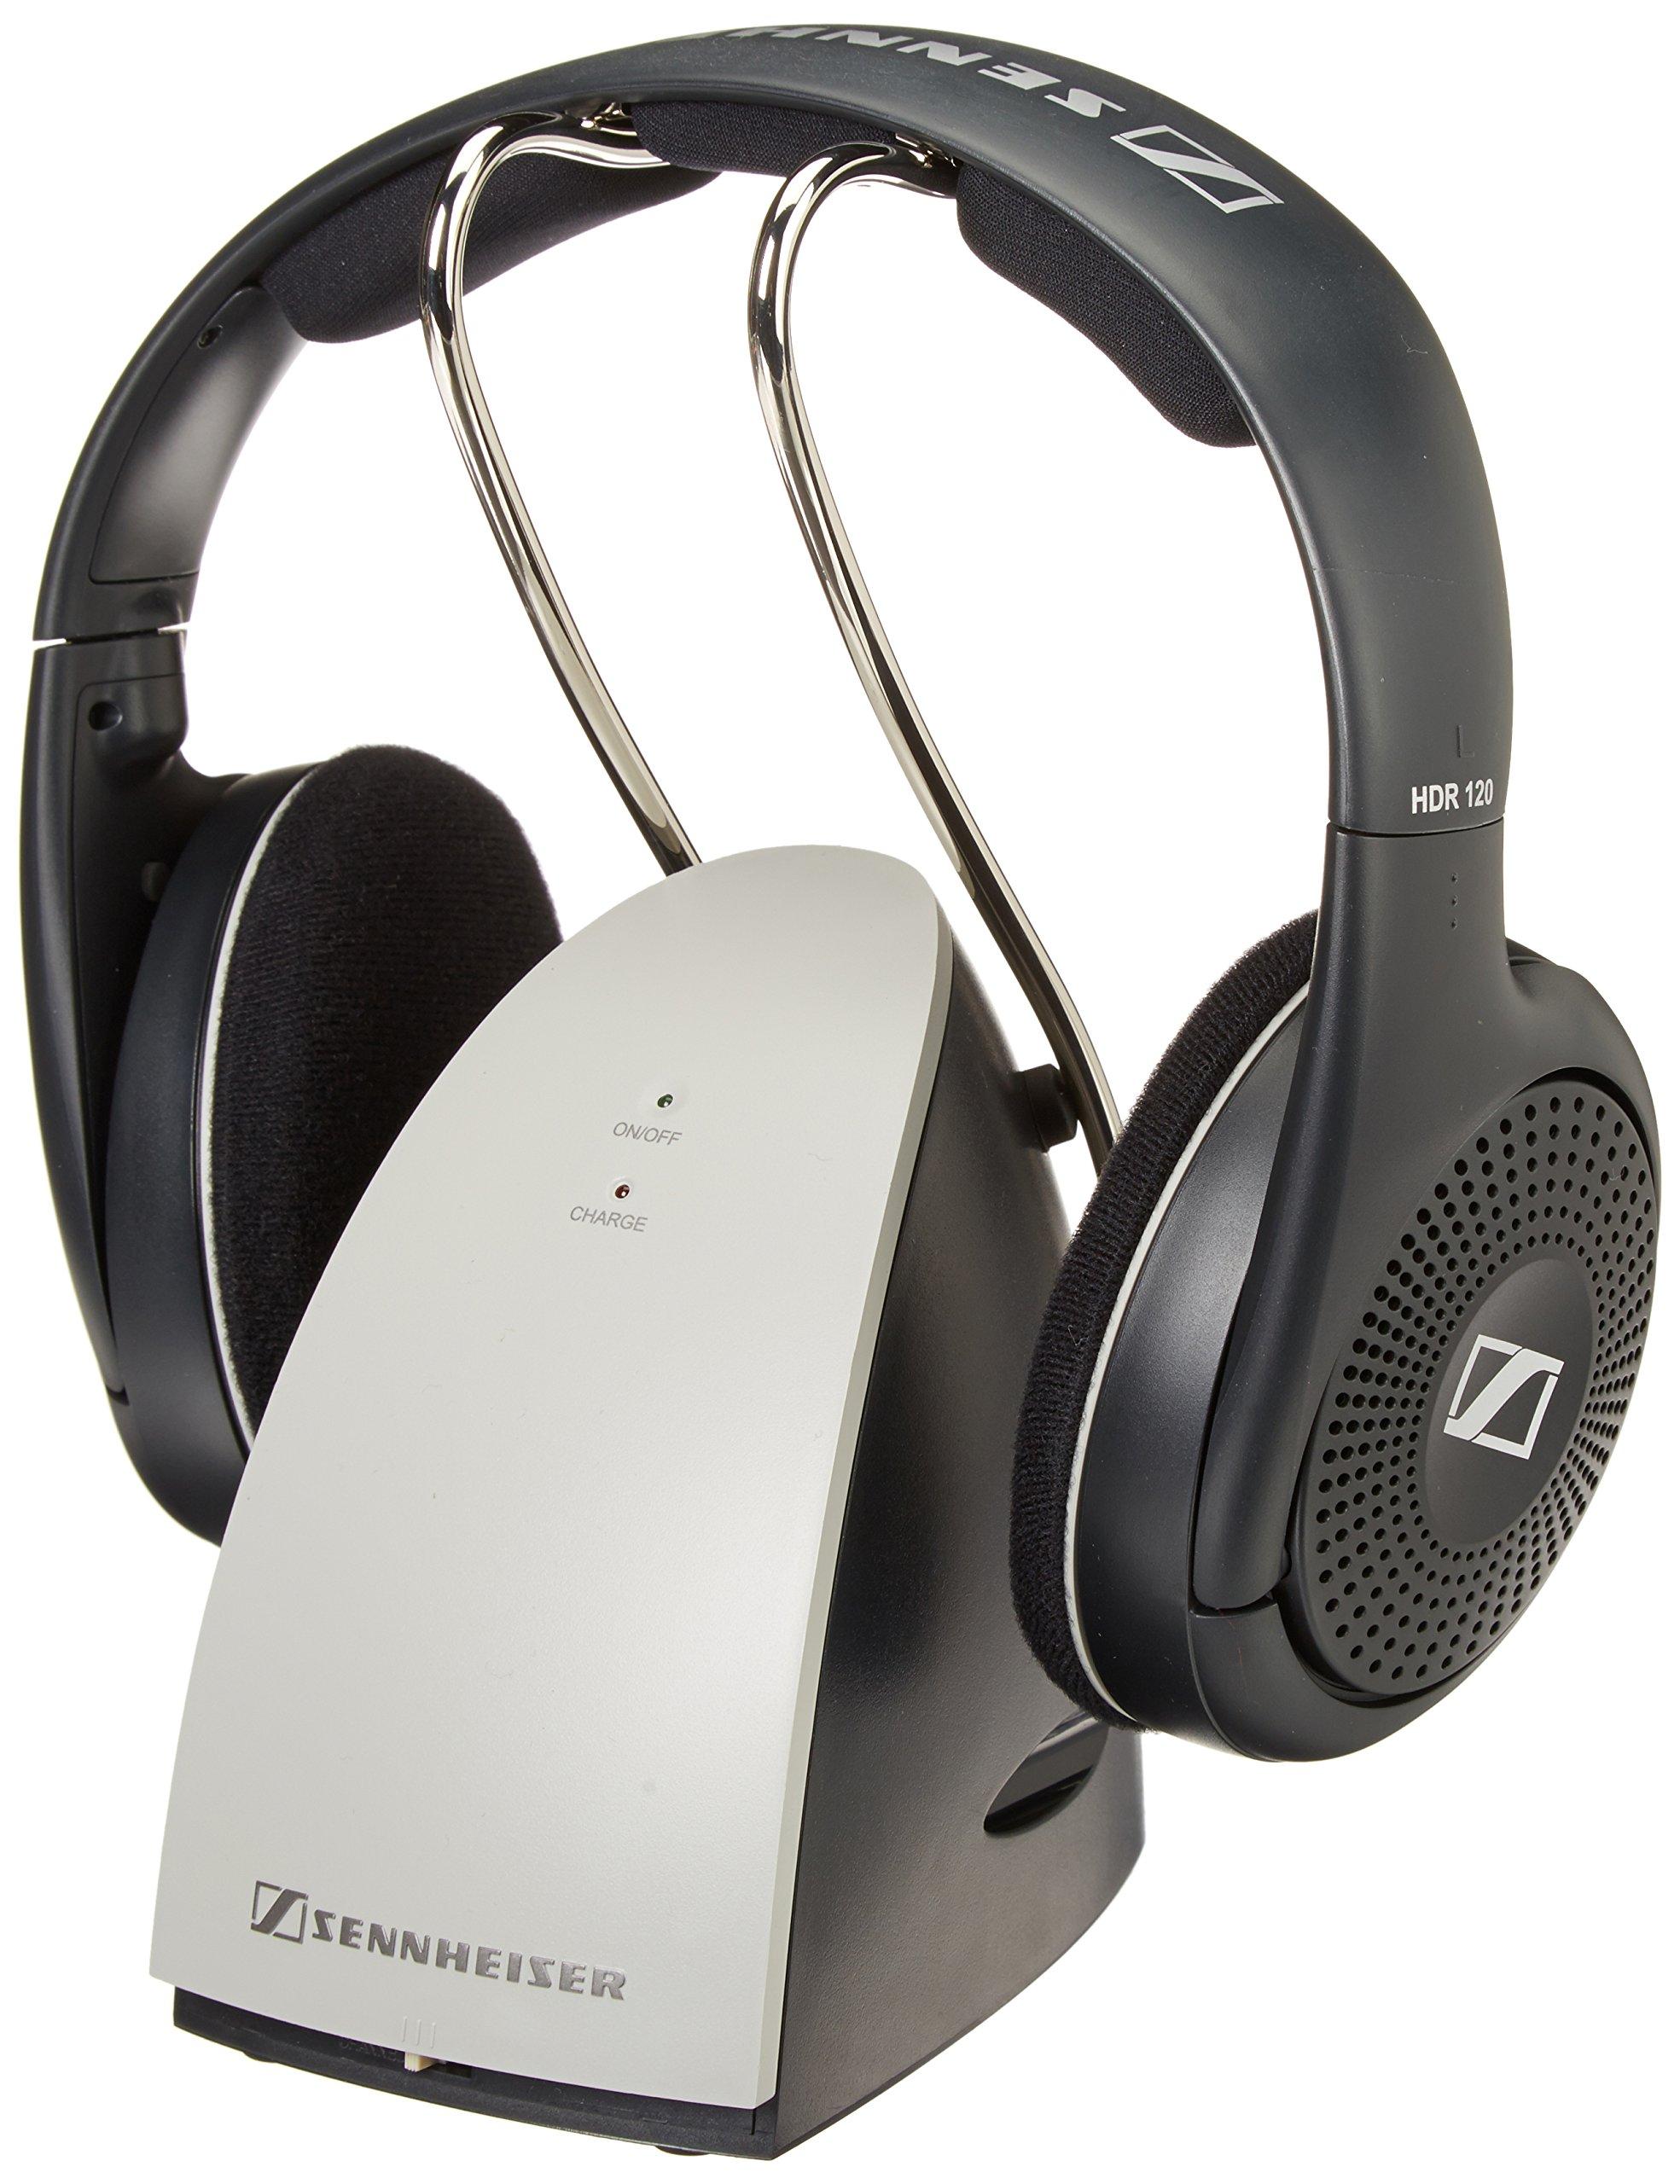 Sennheiser RS120 Wireless Headphones Charging